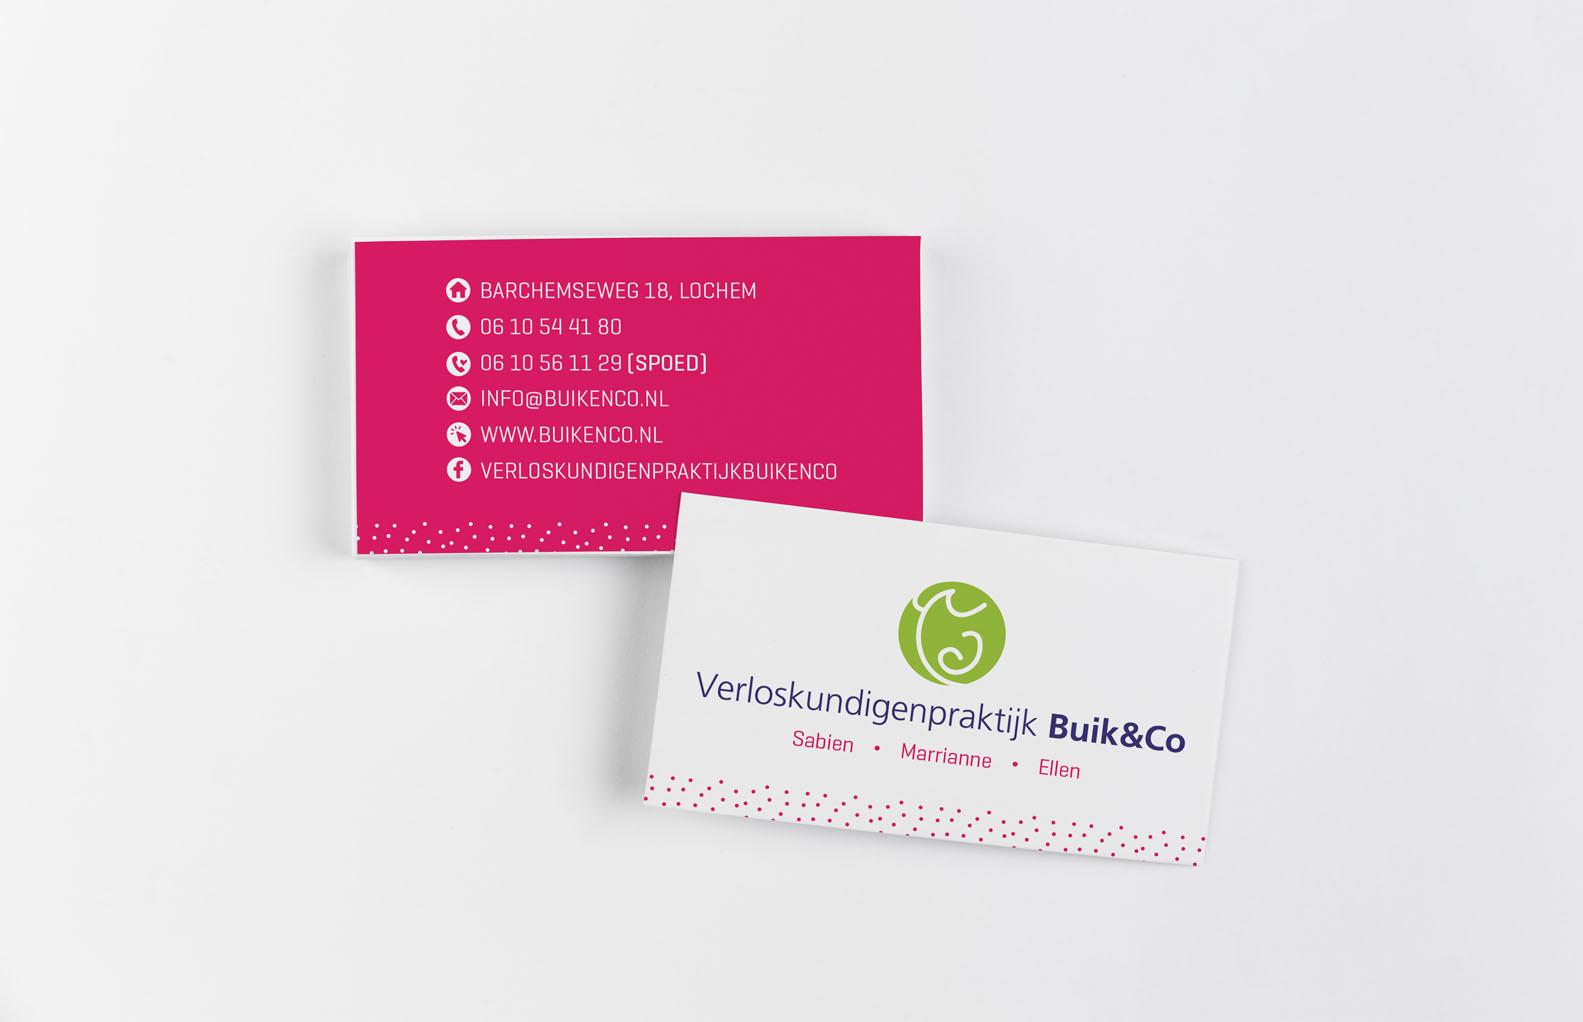 Visitekaartje-Buikenco